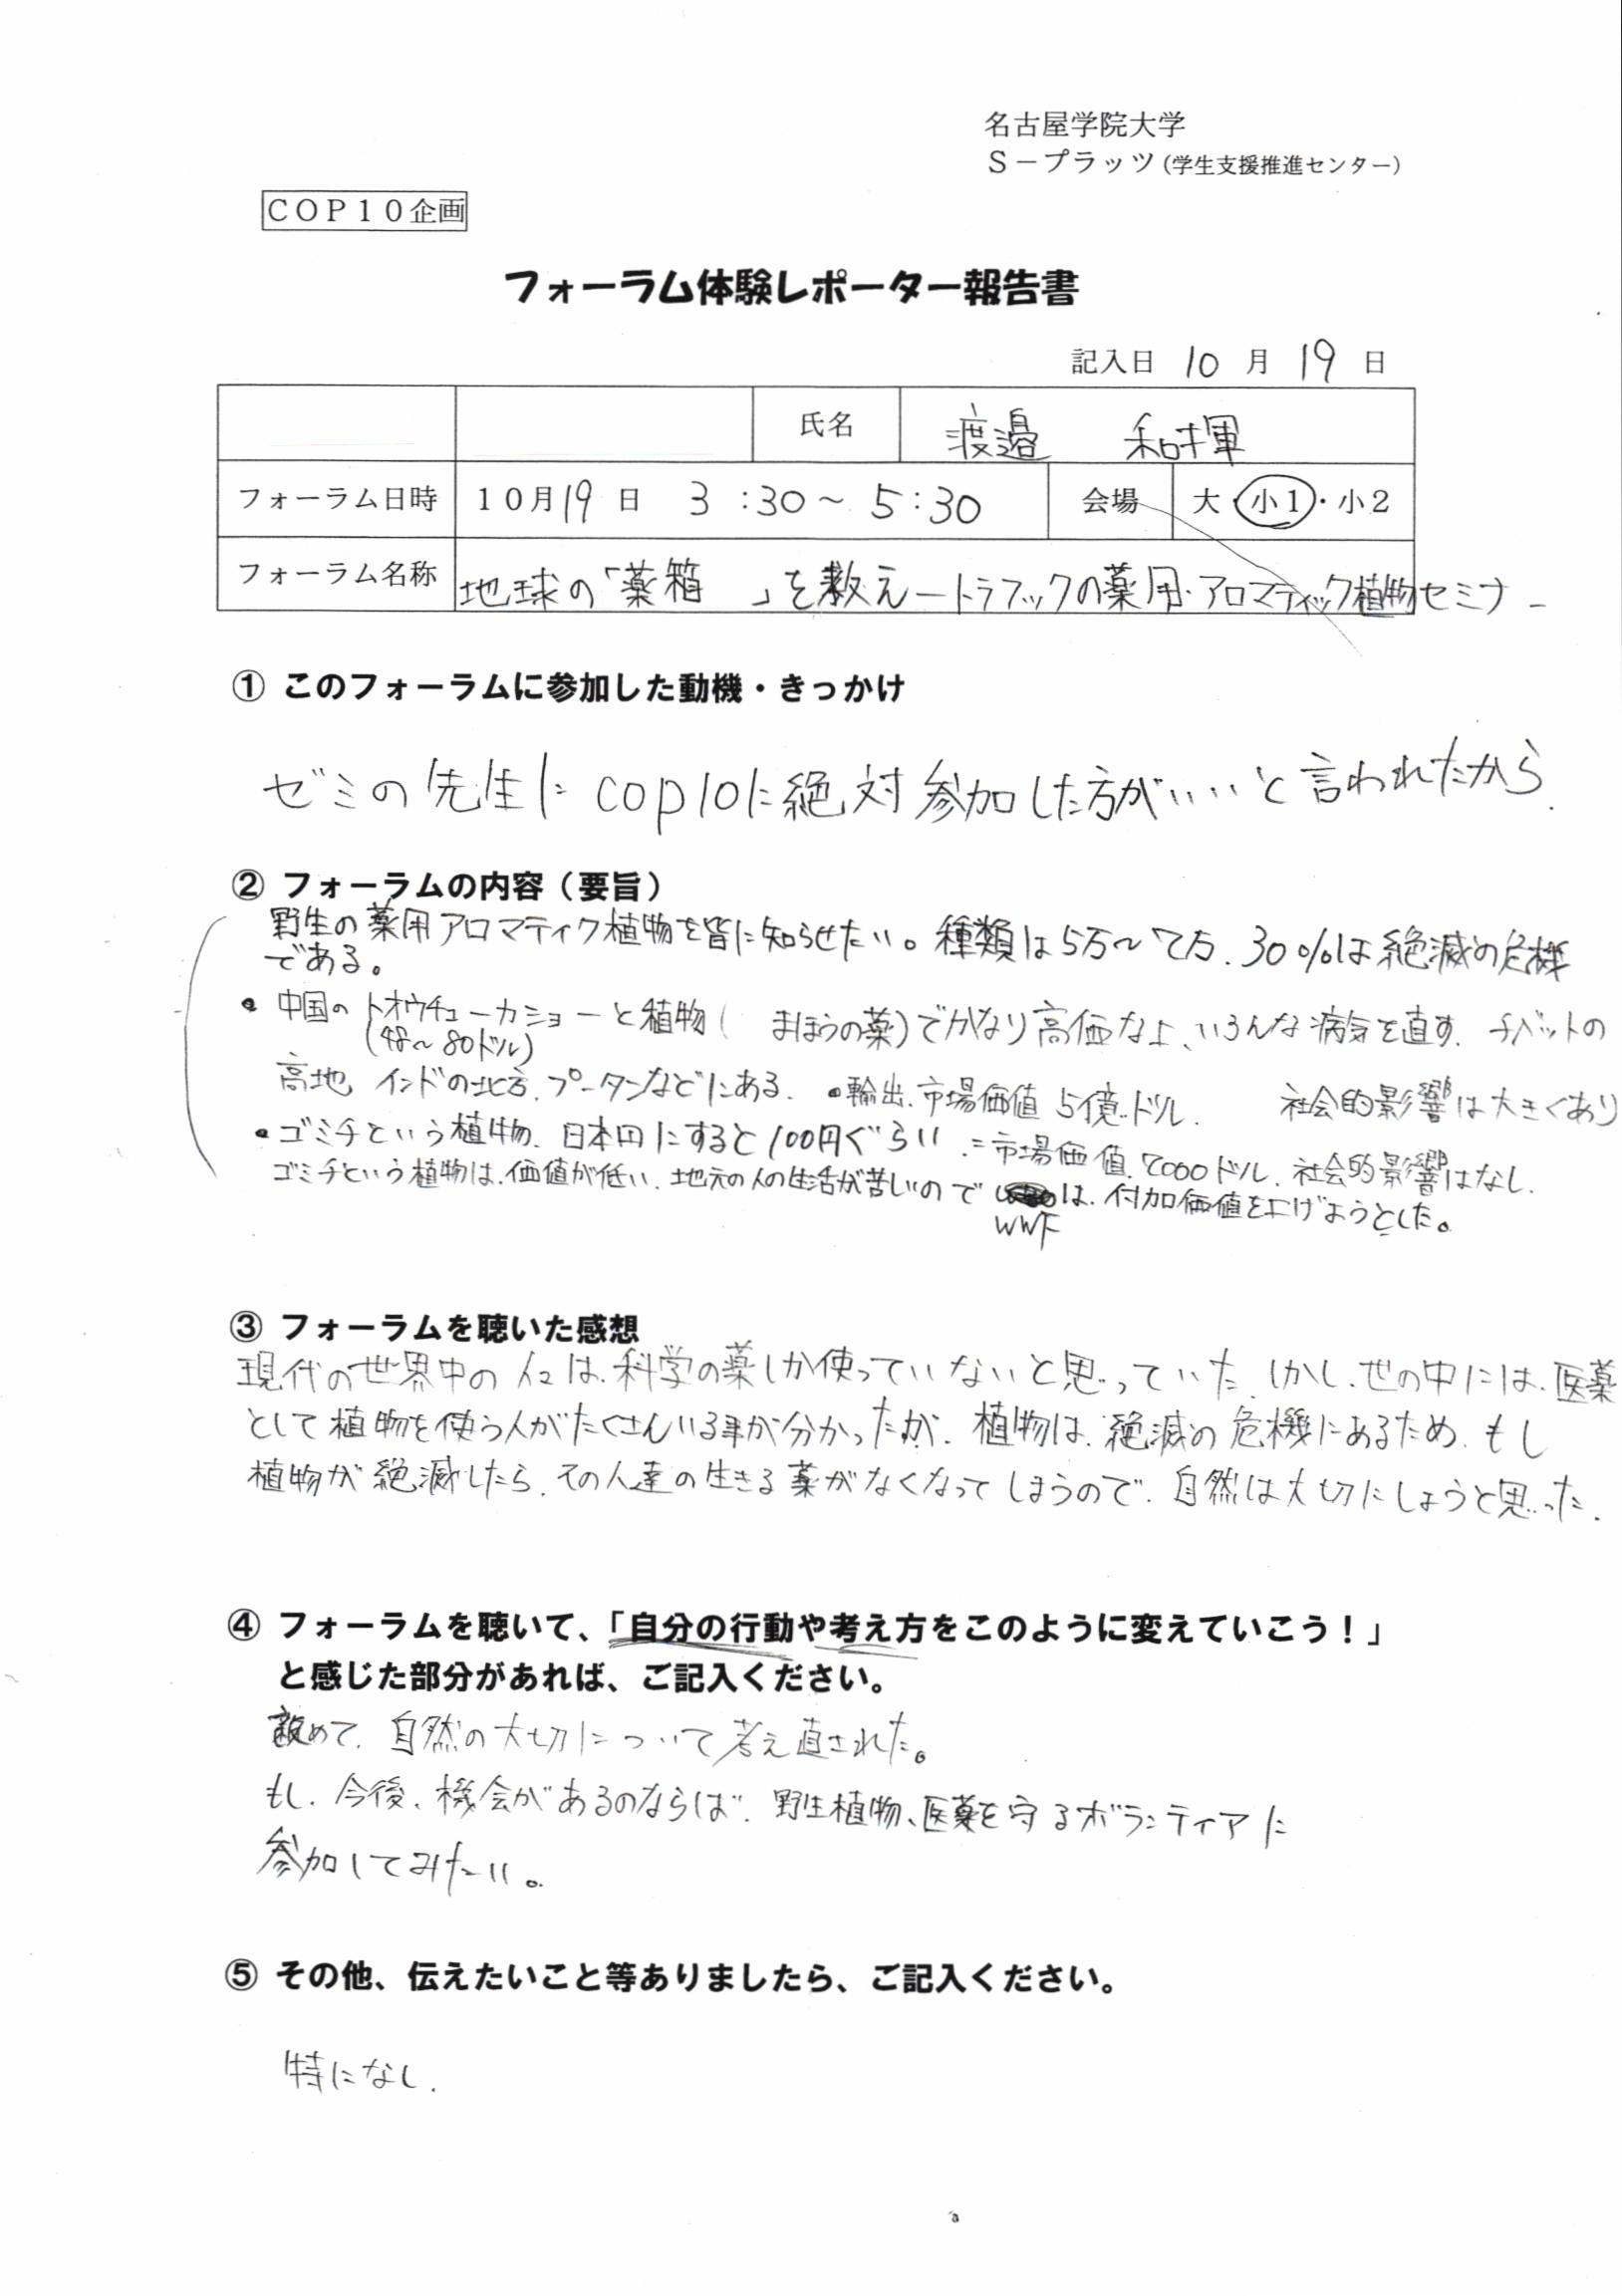 フォーラム体験レポーター報告渡邉和揮